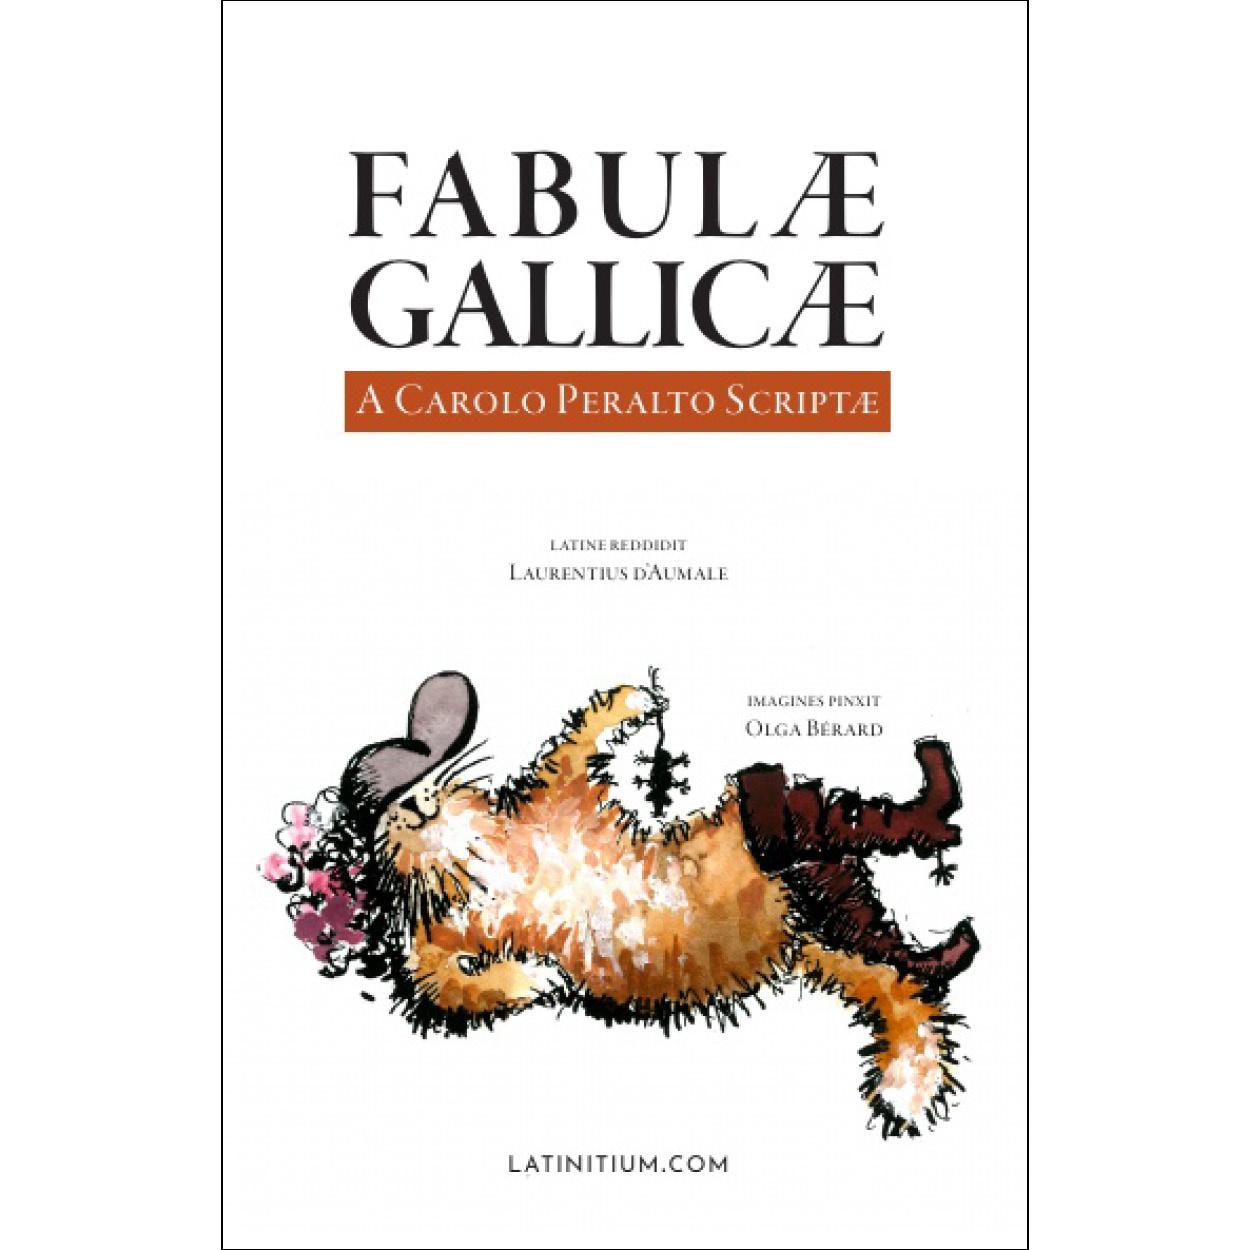 Fabulae Gallicae - A Carolo Peralto Scriptae